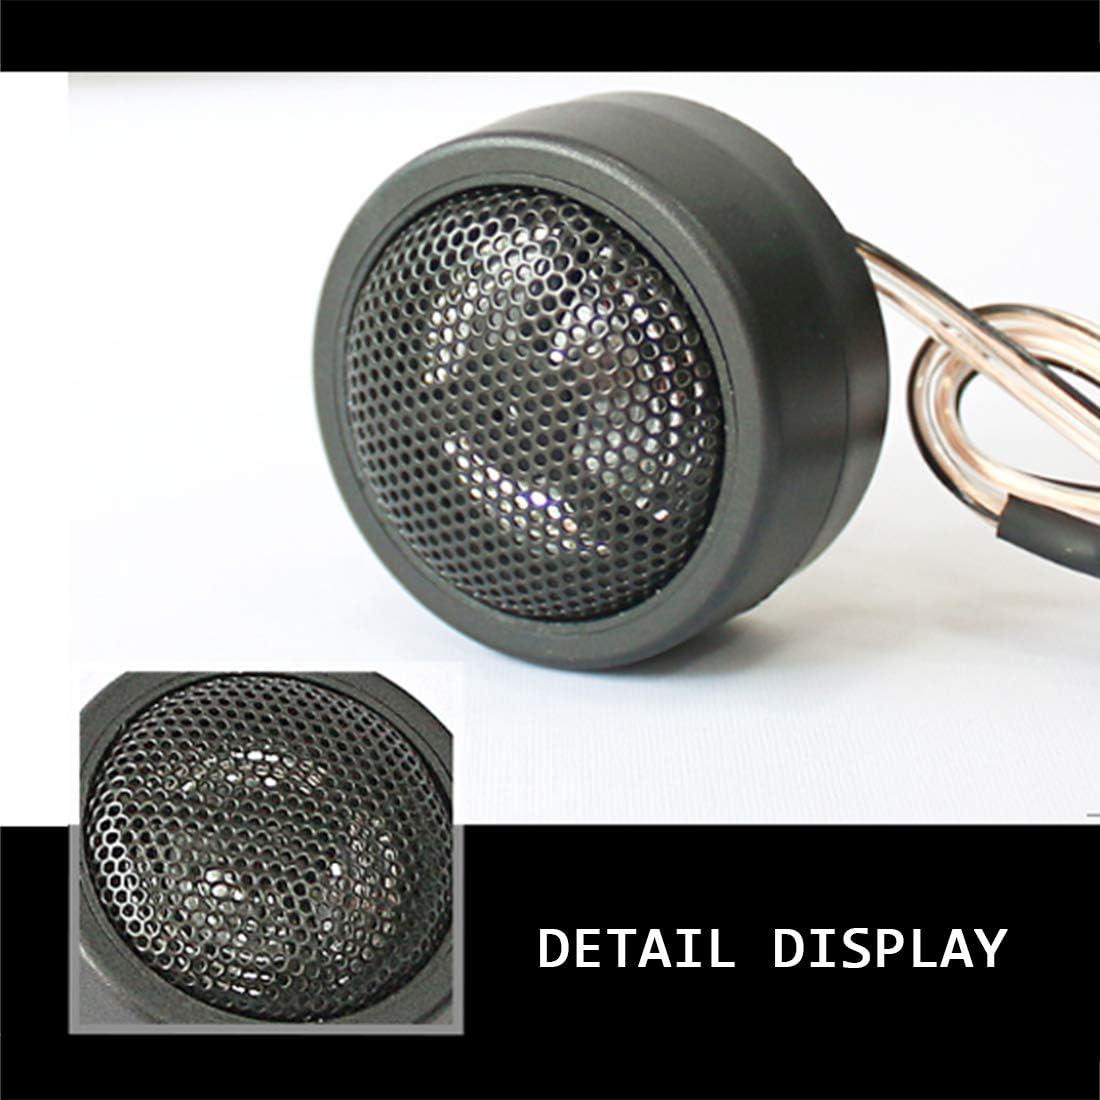 Car Tweeter Speaker Silk Dome Tweeters Audio Component Tweeters Premium Speaker System 1-Inch Tweeter Kit Original Sound Playback Simple to Install